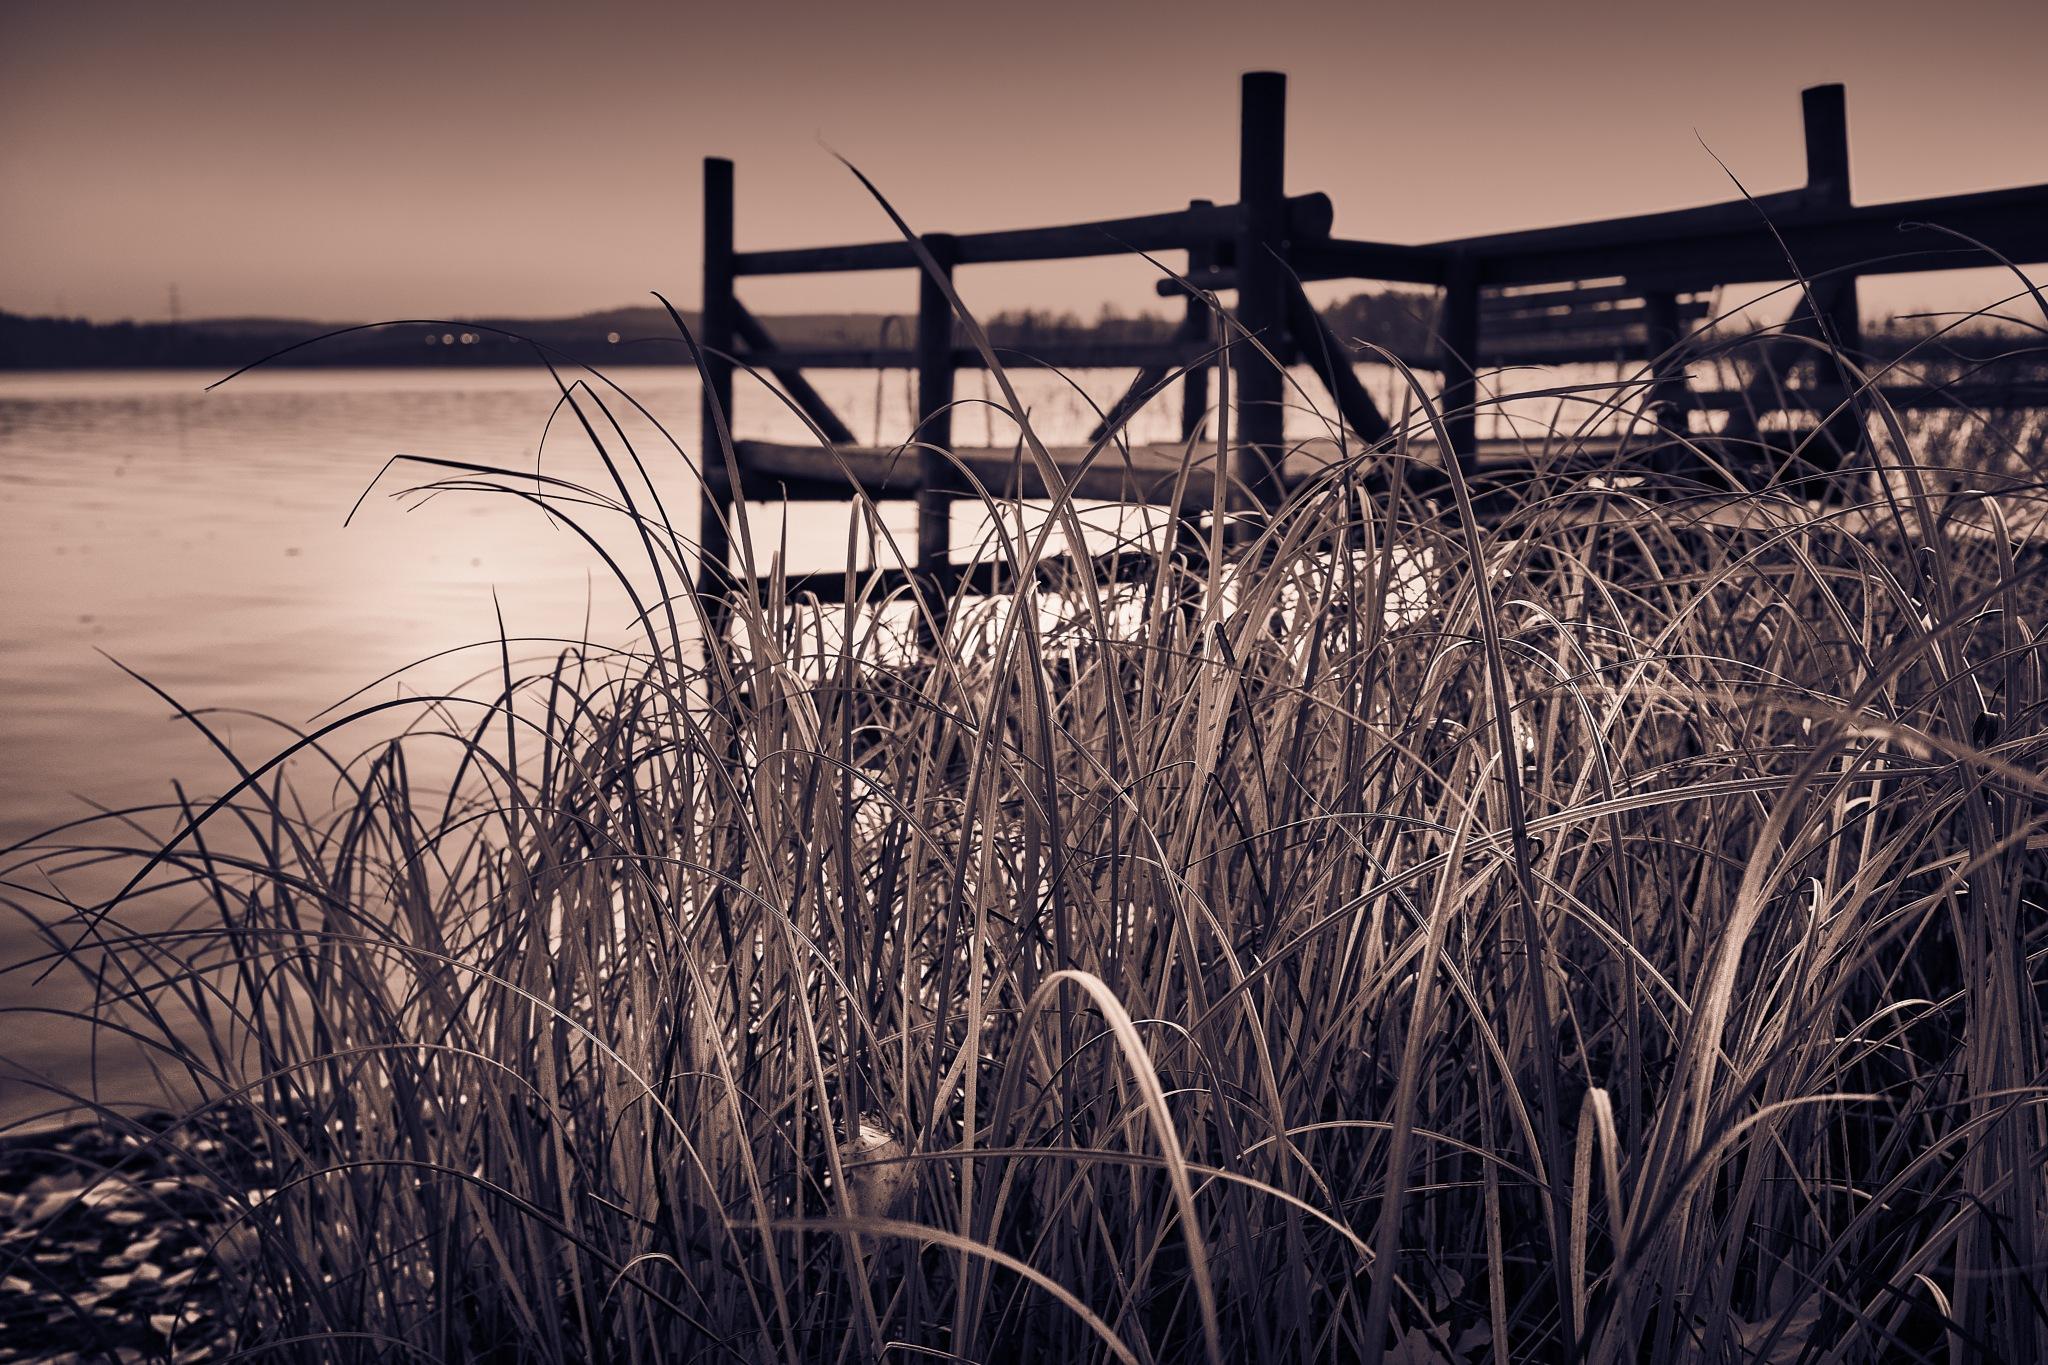 Autumn morning by Juuso Timonen